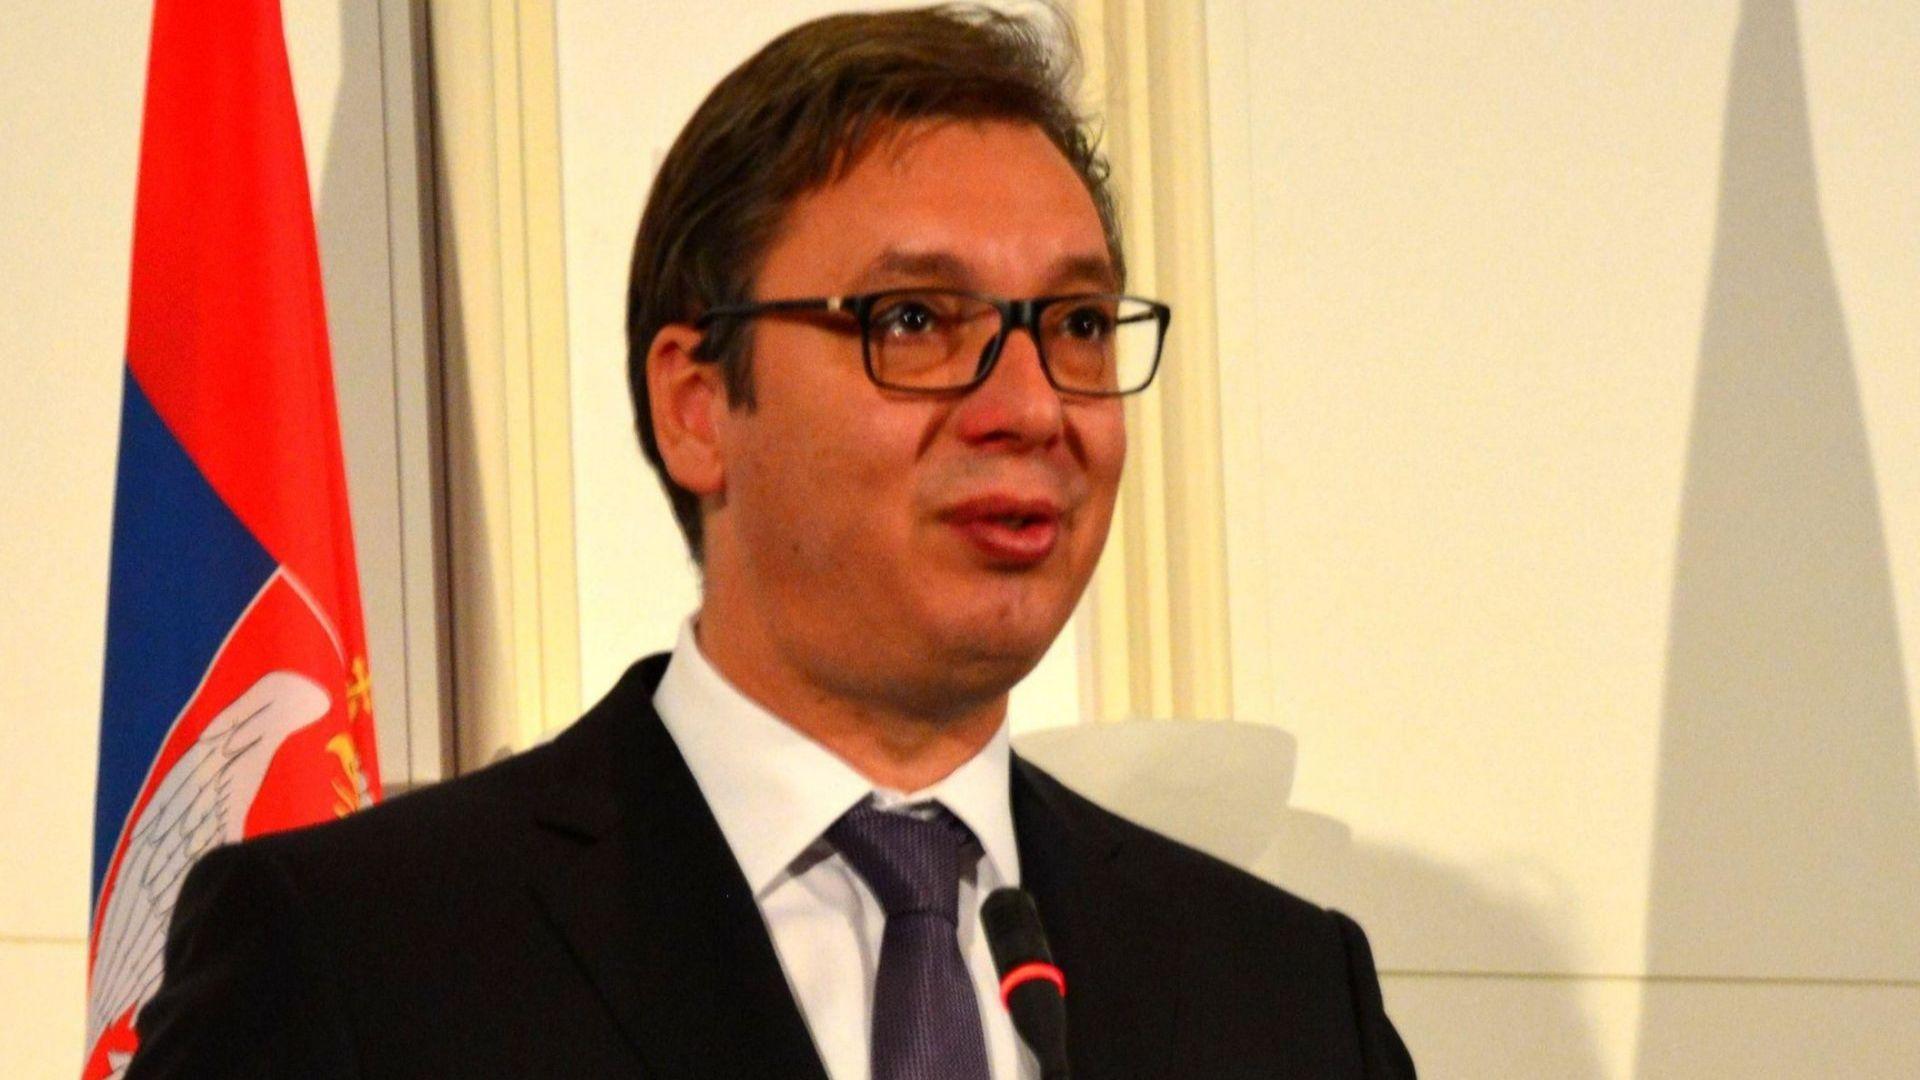 Депутат заплаши със смърт президента и премиера на Сърбия